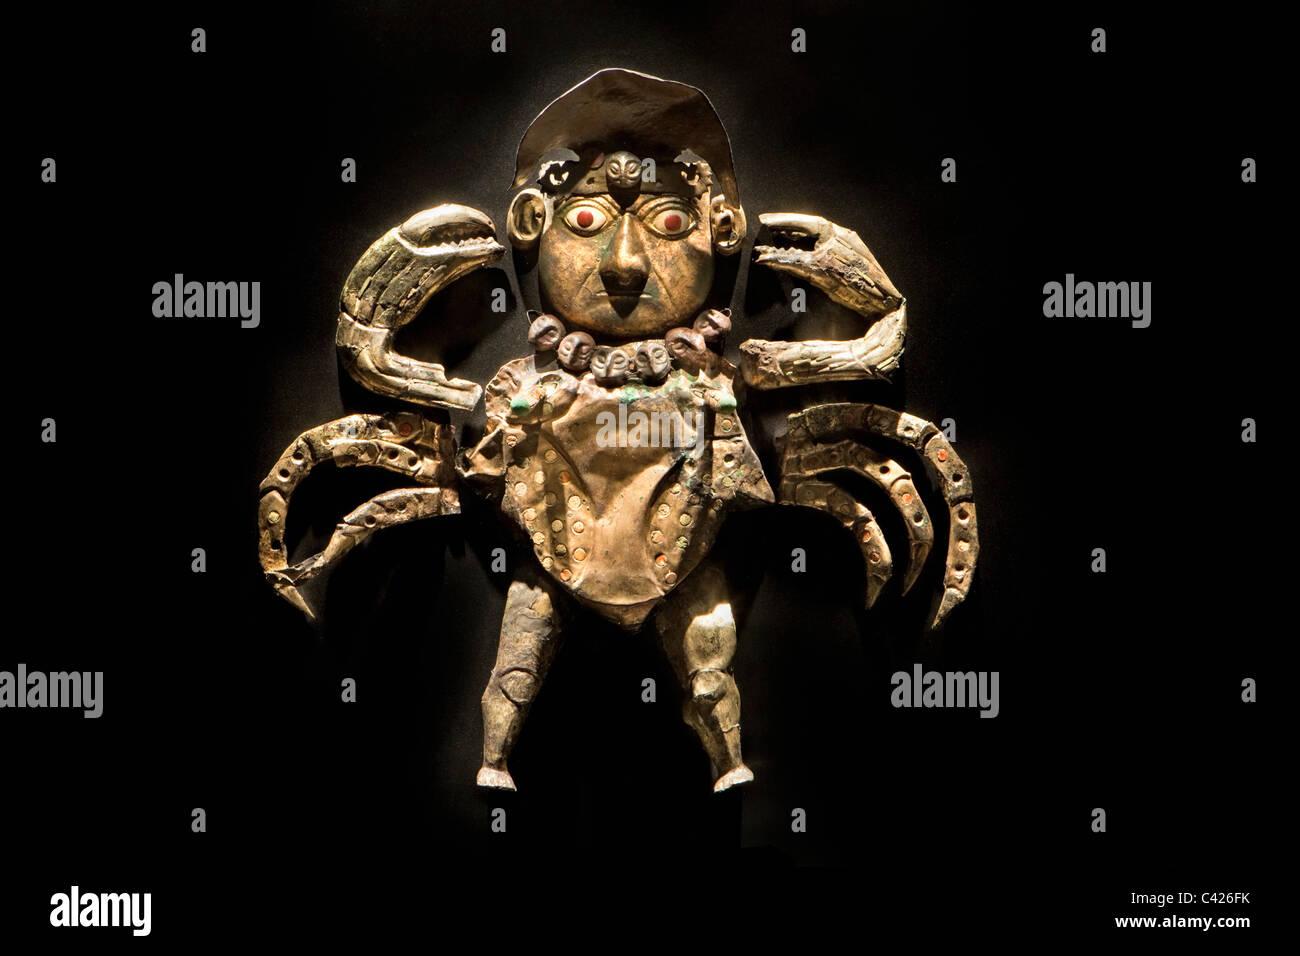 Ornamente im Grab des Herrn von Sipan gefunden. Übernatürliche Kreatur, ein Verbund aus Mann und Krabben, Stockbild